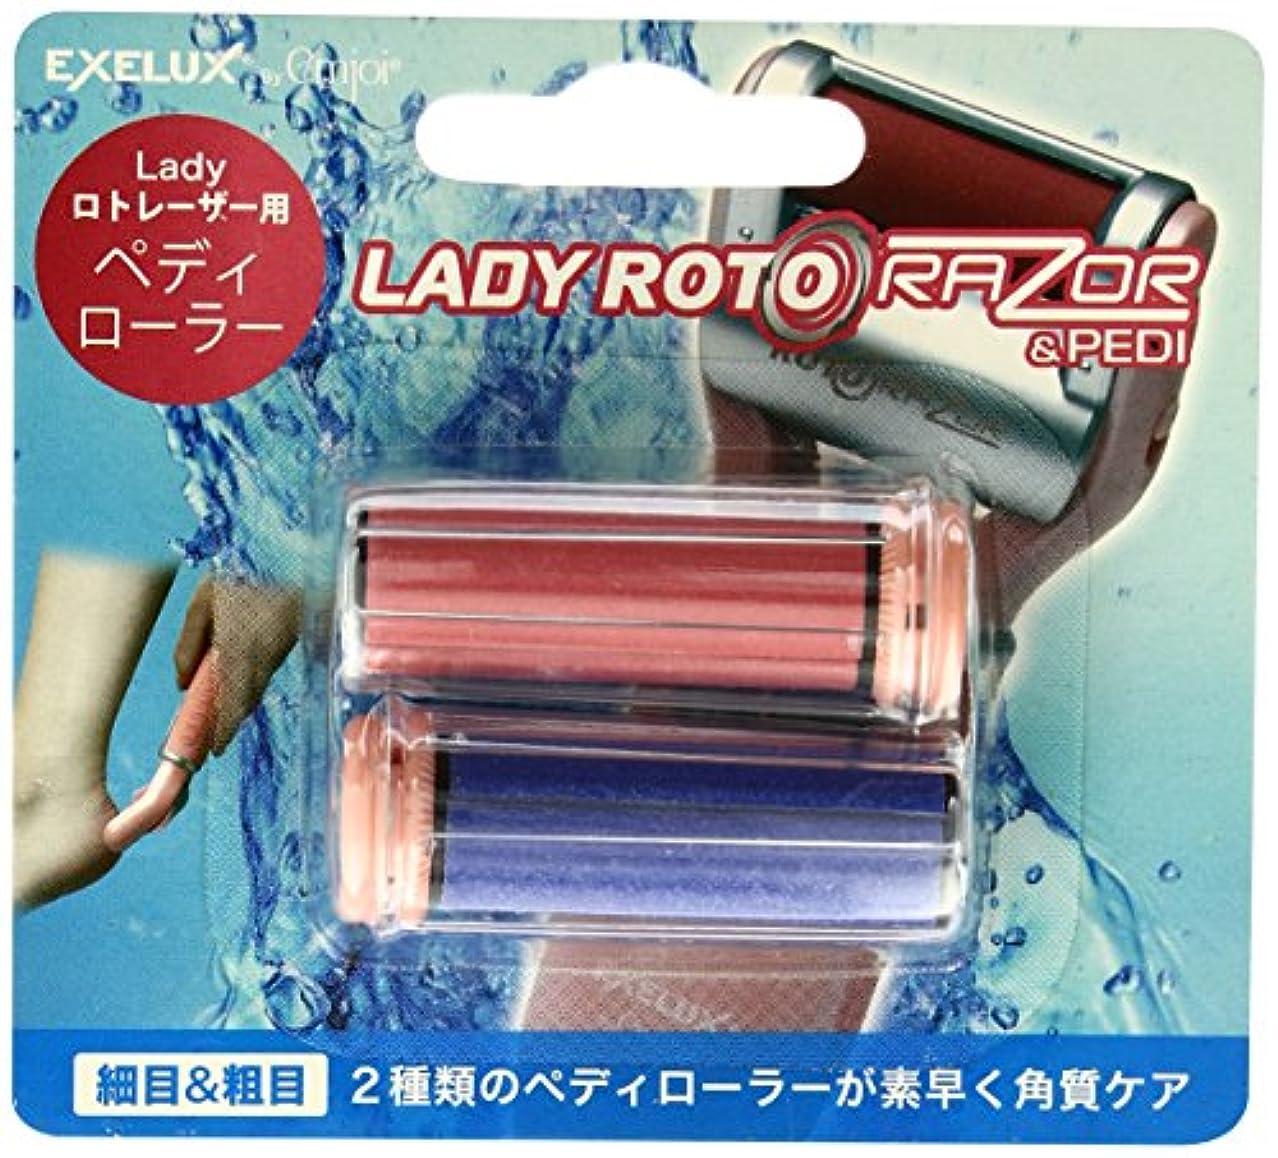 看板リブスラッシュmetex Lady ロトレーザー & Pedi用ペディローラー EJRR-LP2